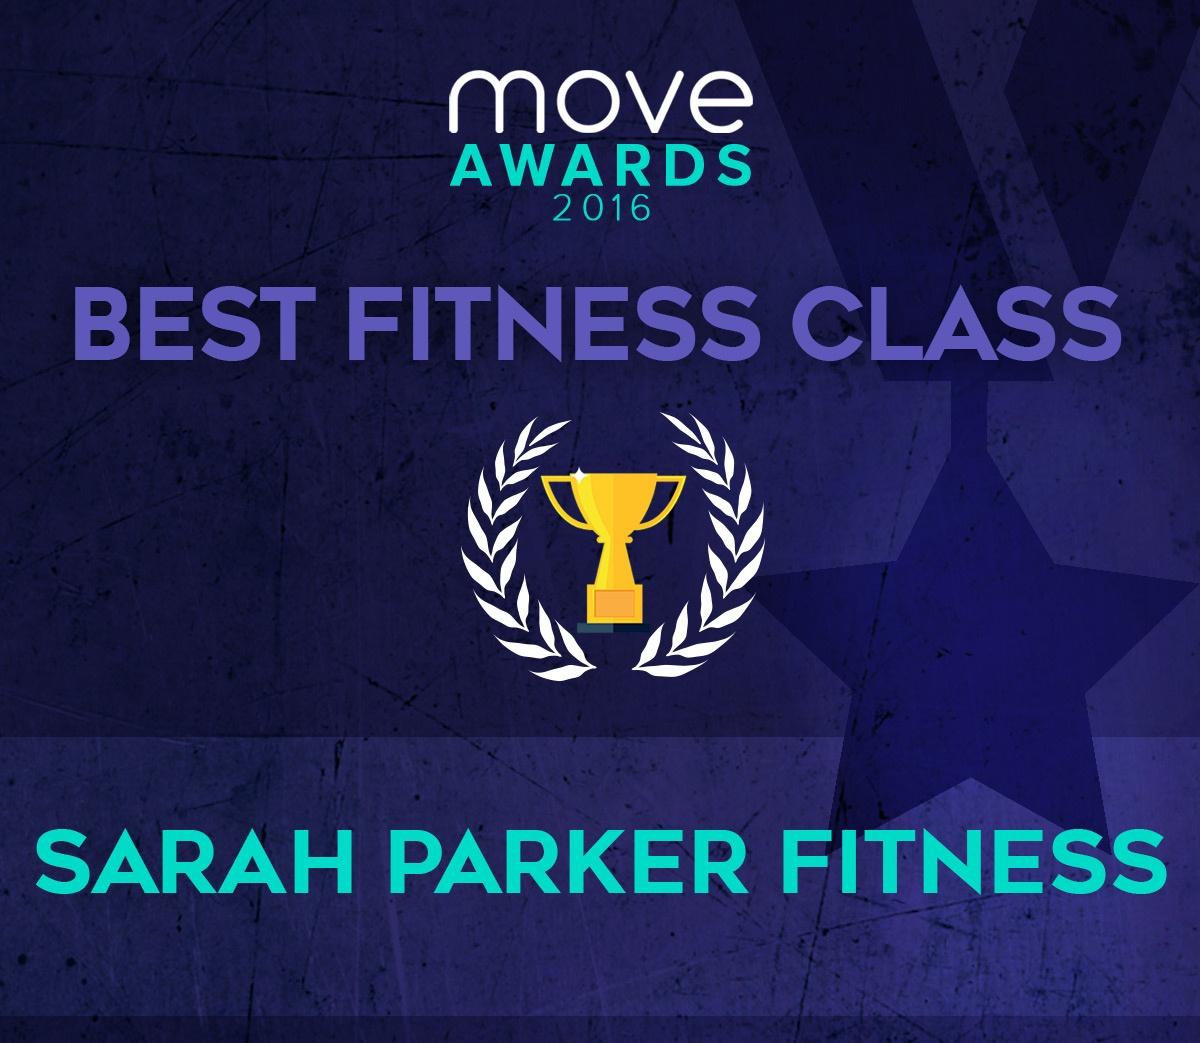 Best-Fitness-Class-Manchester.jpg